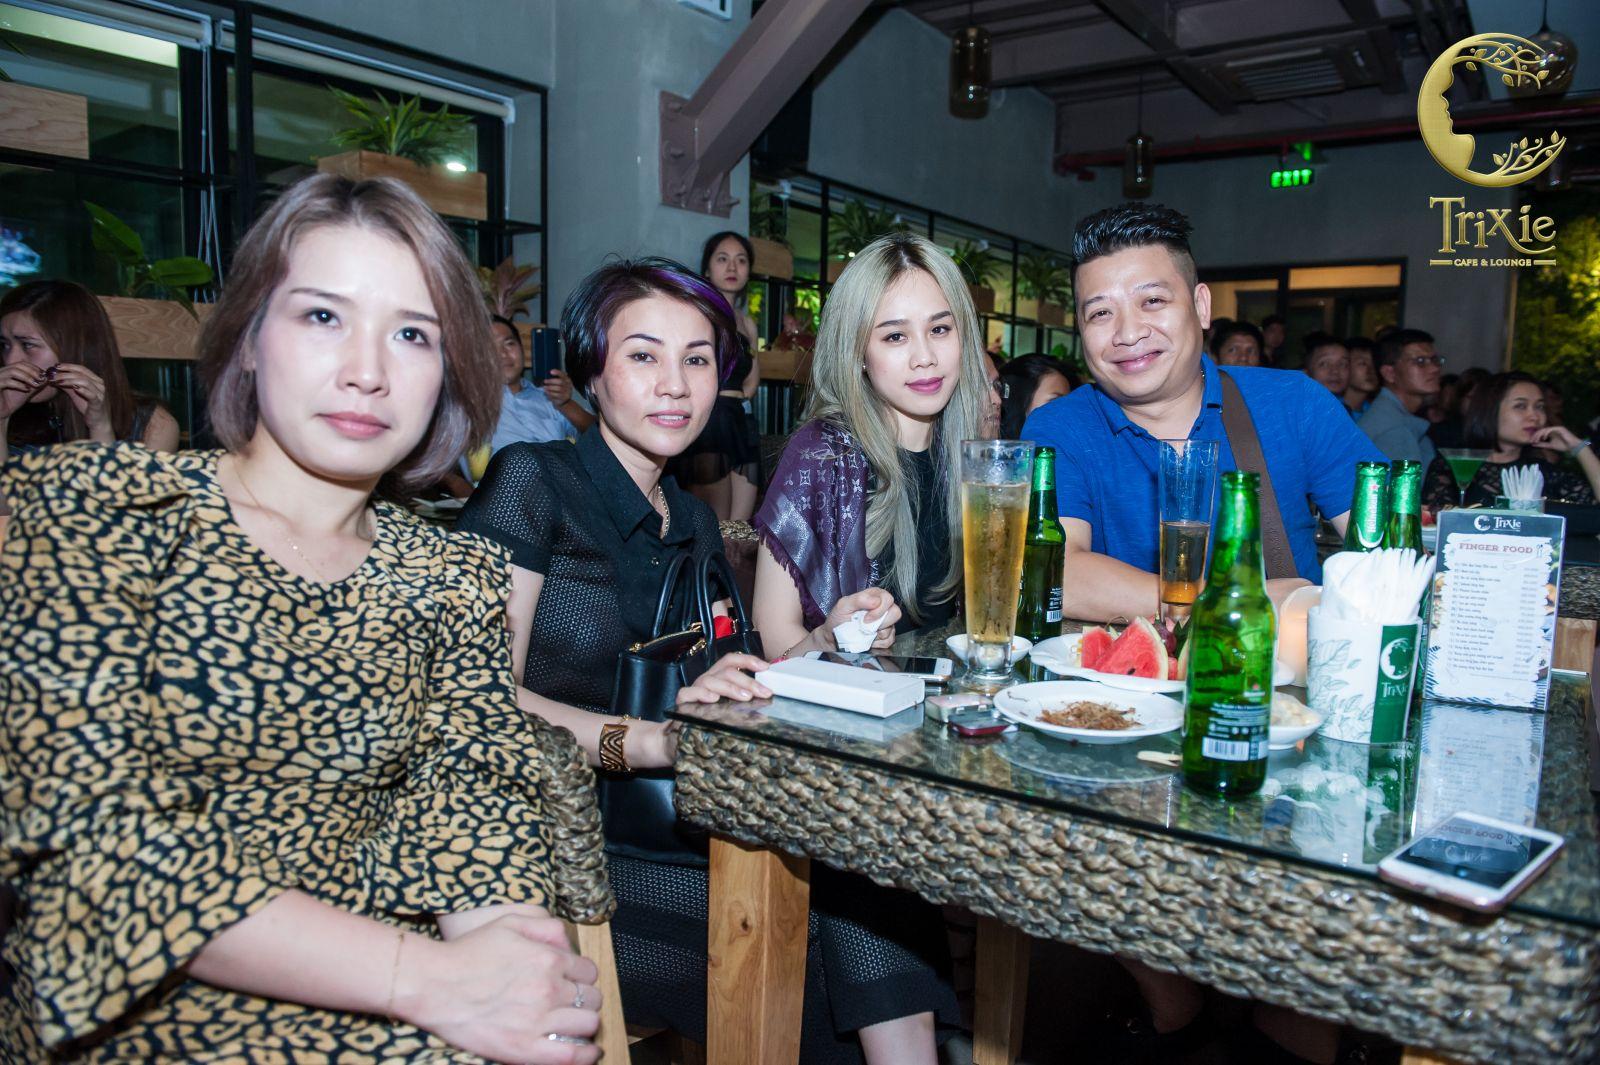 Khám phá quán café offline độc nhất vô nhị ở Hà Nội tại Trixie